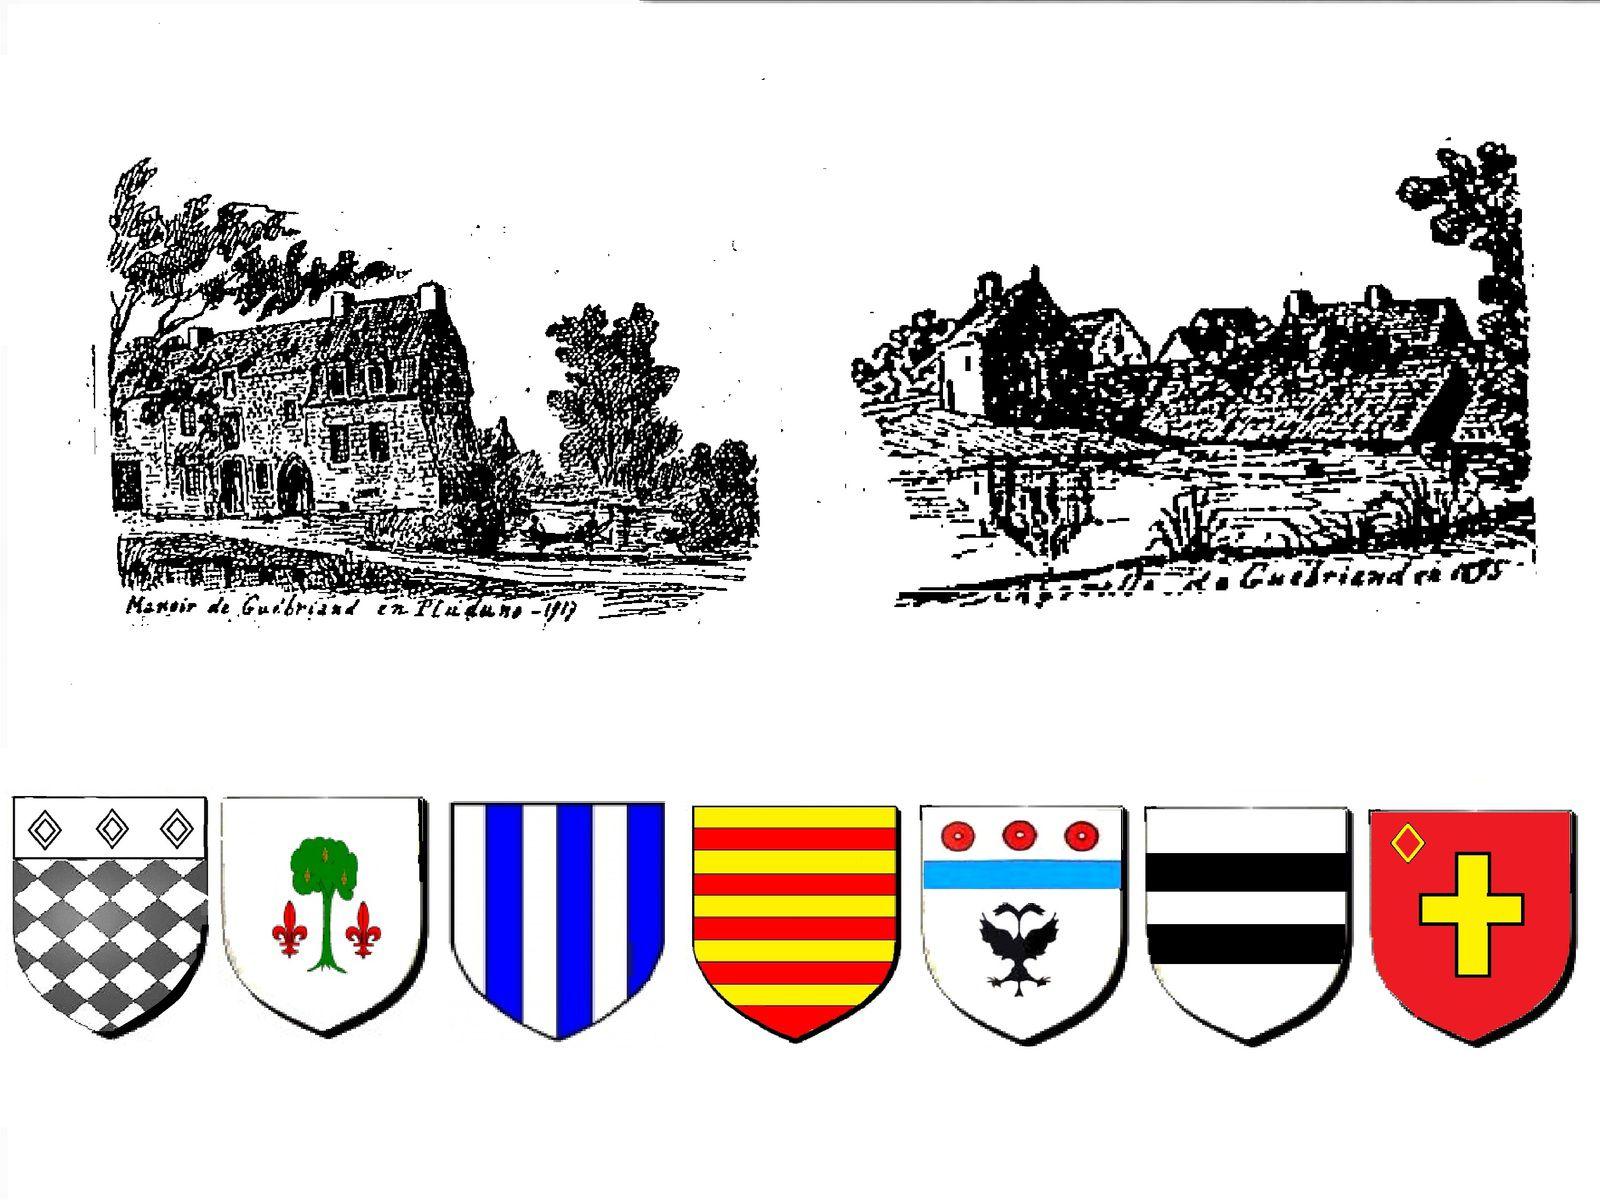 La seigneurie de Guébriant en Pluduno.